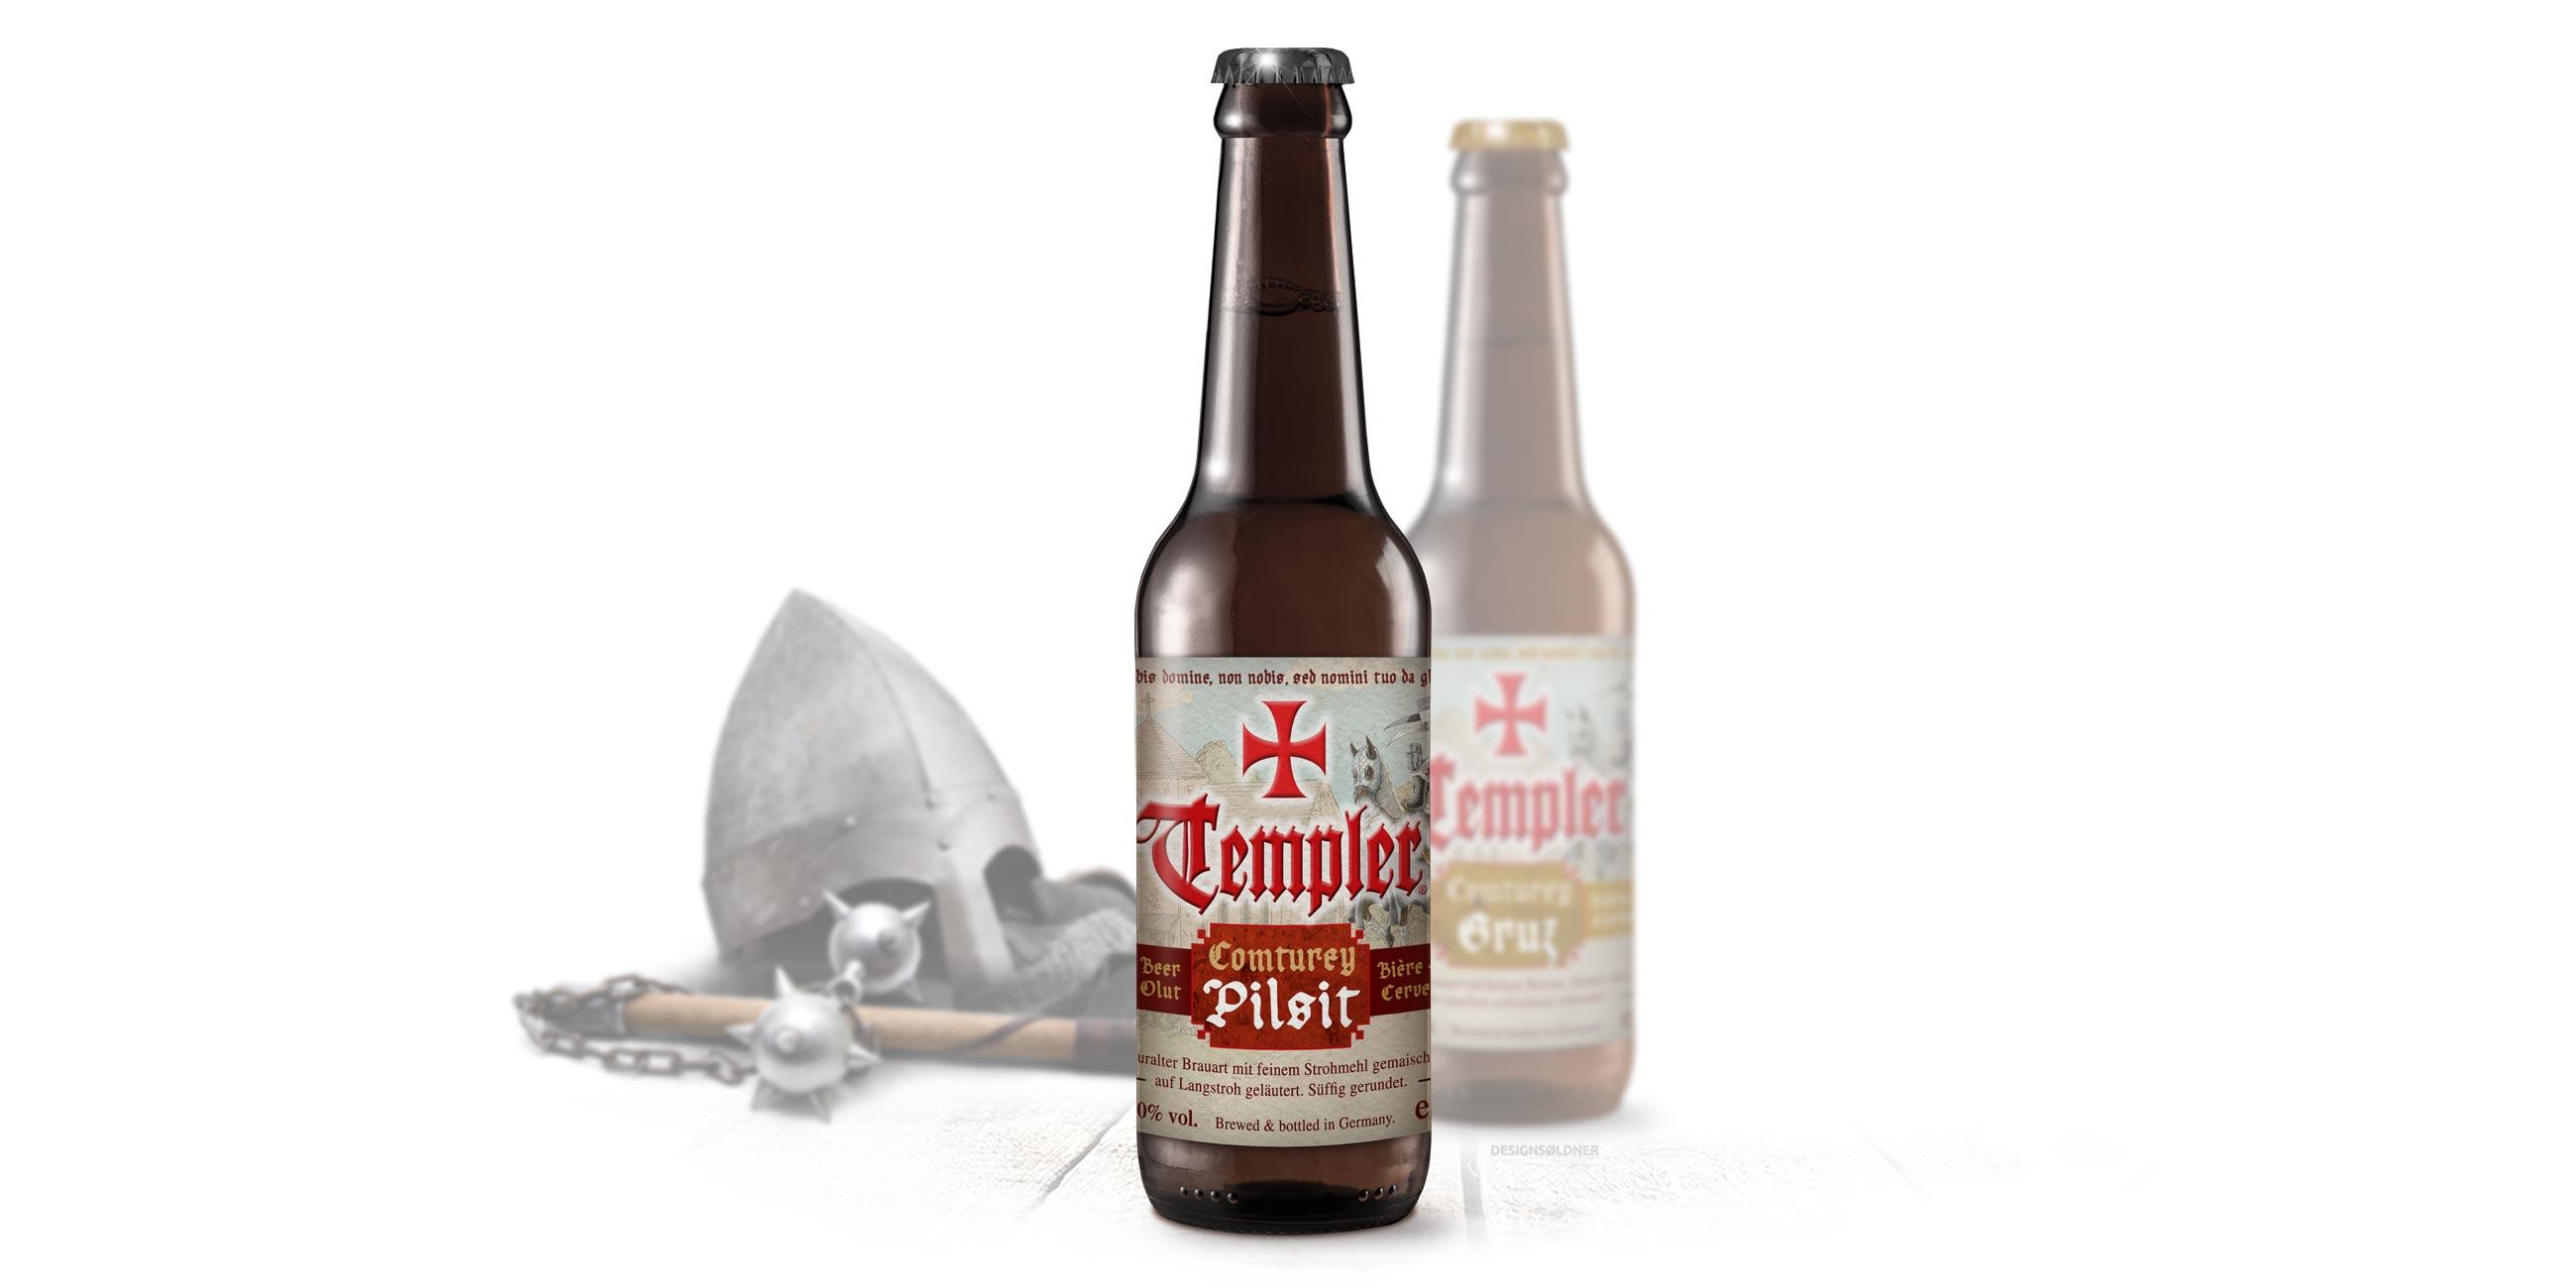 Templer Conturey Bier Pilsit und Gruz